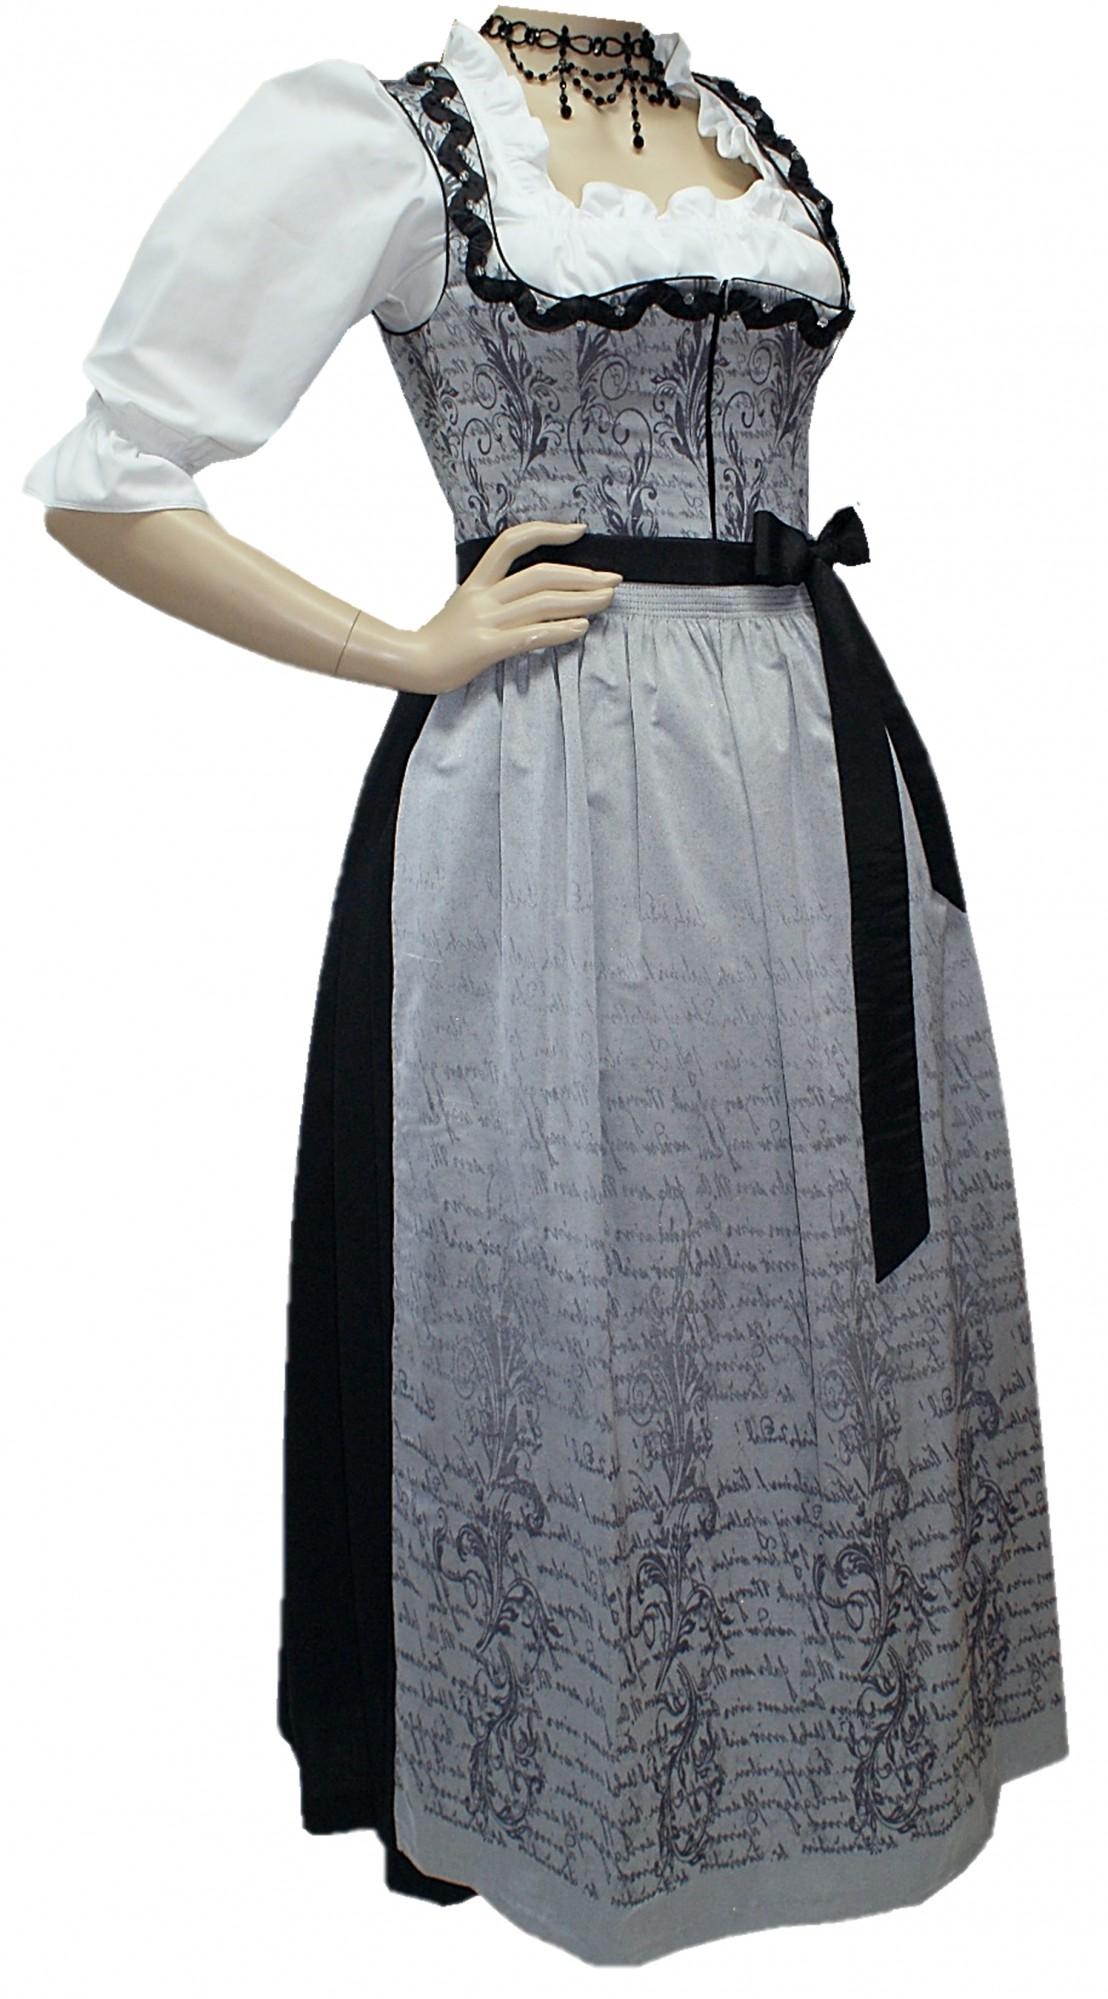 Gr.36-50 Balkonett-Dirndl Festtracht Kleid Trachtenkleid ...